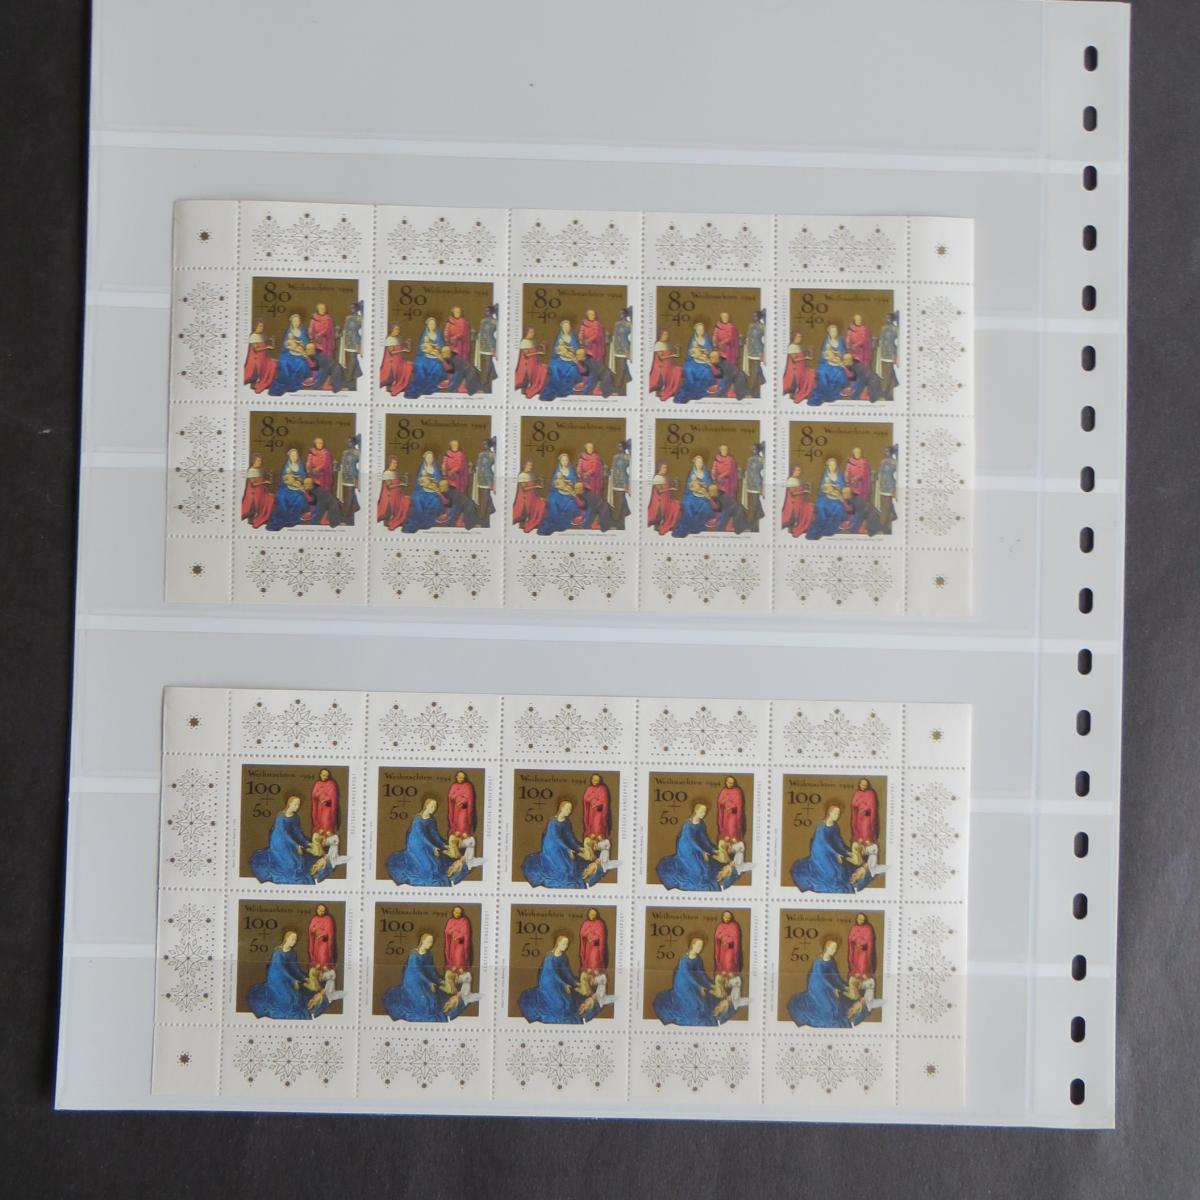 Bund Kleinbogen Zehnerbogen 1770-1771 Wehnachten Luxus postfrisch MNH Kat. 40,00 0